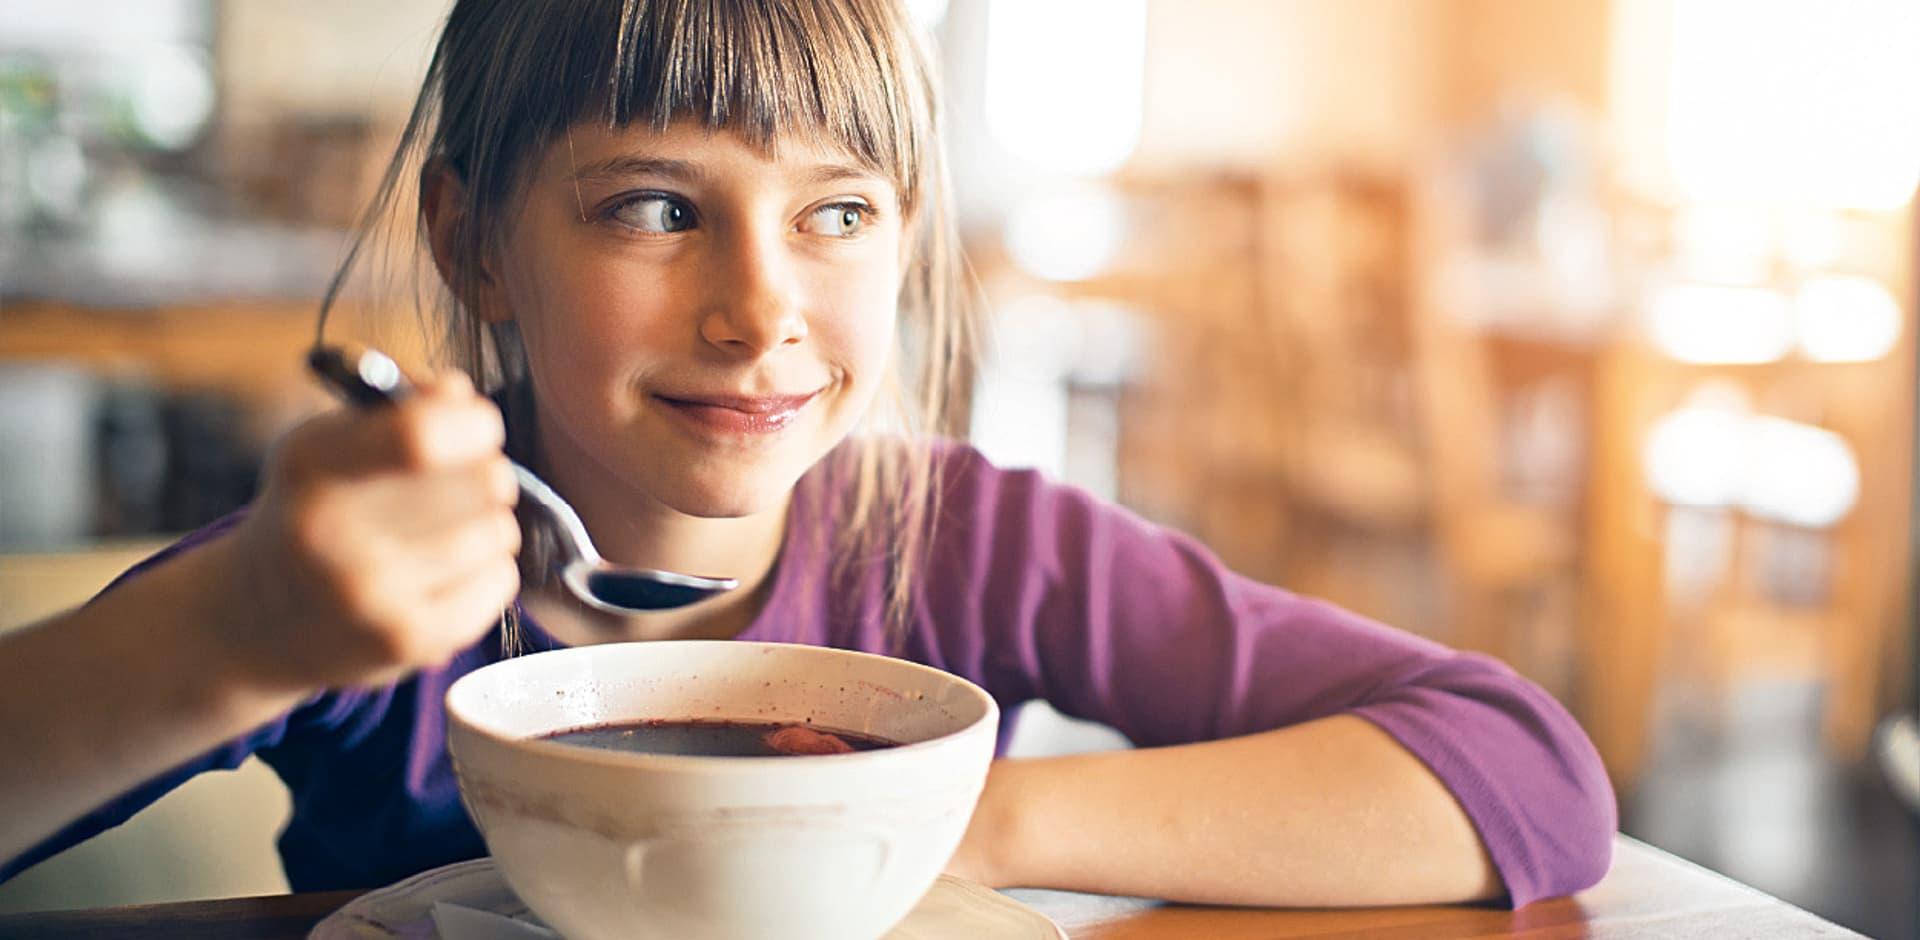 Vor allem in der kühlen Jahreszeit wird gerne Suppe gelöffelt.